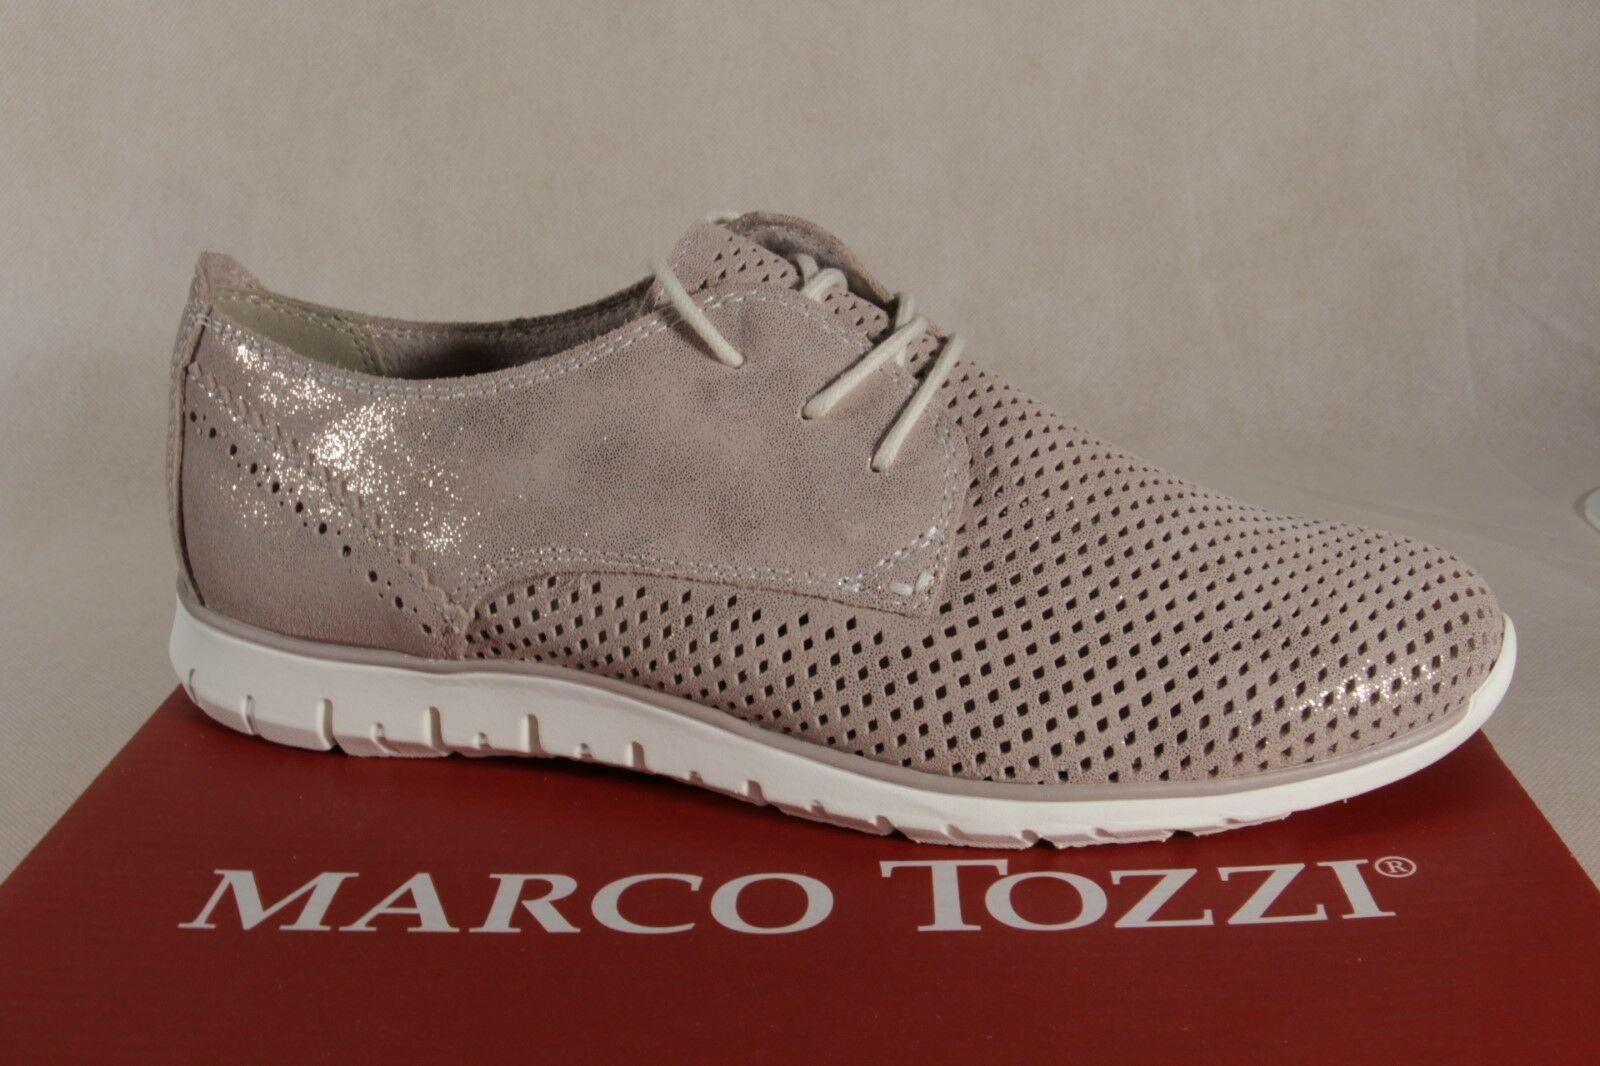 Marco Tozzi Schnürschuhe Turnschuhe Halbschuhe beige metallic 23728 NEU